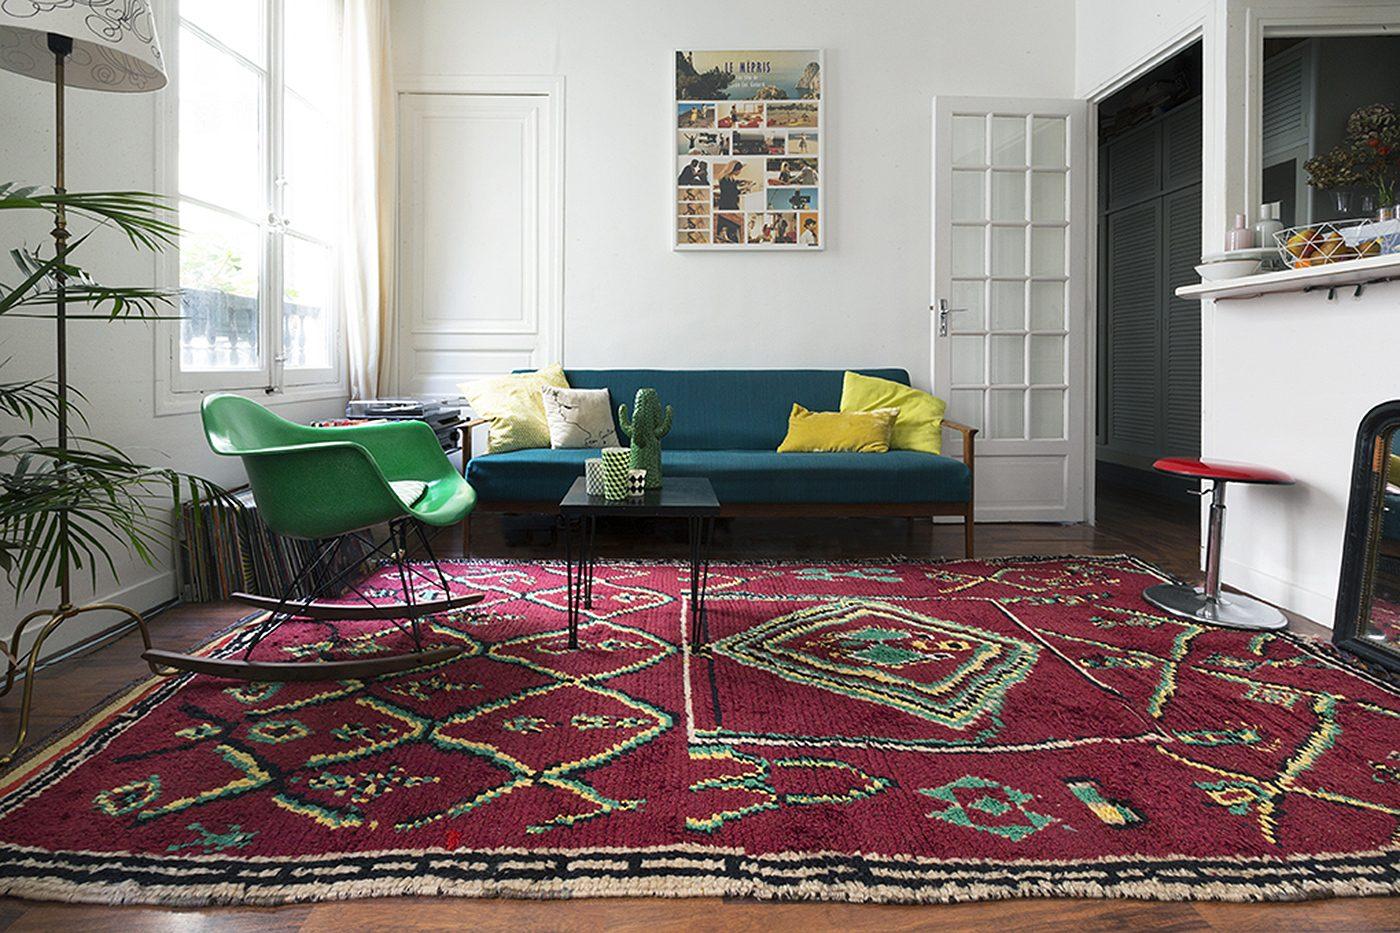 styilme-decoratrice-tapis-berbere-04